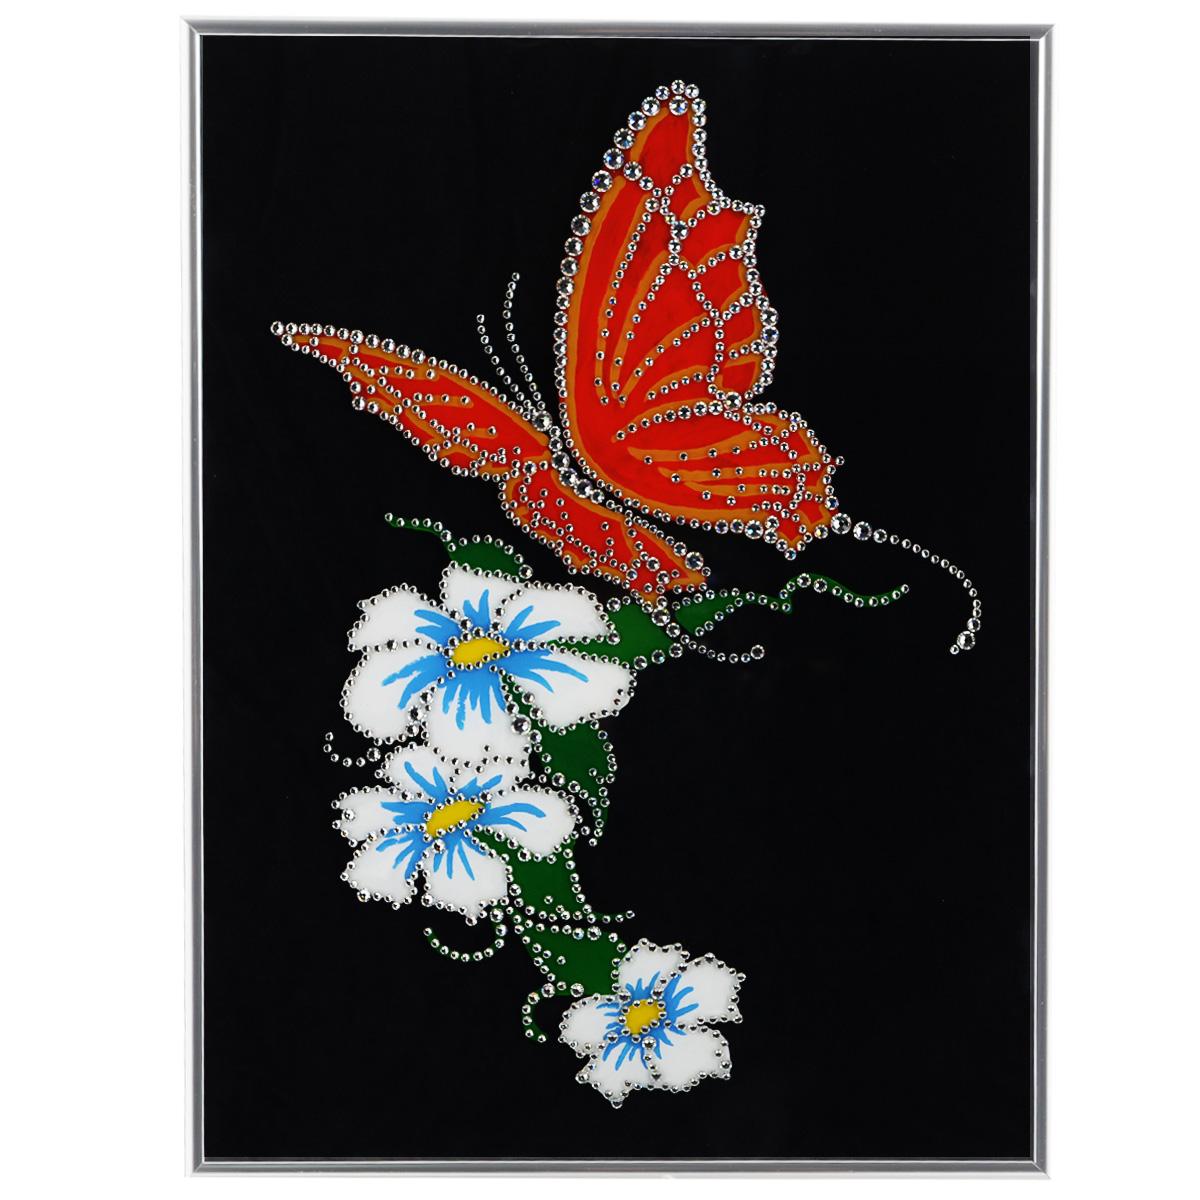 Картина с кристаллами Swarovski Бабочка, 30 х 40 см1200Изящная картина в металлической раме, инкрустирована кристаллами Swarovski, которые отличаются четкой и ровной огранкой, ярким блеском и чистотой цвета. Красочное изображение цветов и бабочки, расположенное под стеклом, прекрасно дополняет блеск кристаллов. С обратной стороны имеется металлическая петелька для размещения картины на стене. Картина с кристаллами Swarovski Бабочка элегантно украсит интерьер дома или офиса, а также станет прекрасным подарком, который обязательно понравится получателю. Блеск кристаллов в интерьере, что может быть сказочнее и удивительнее. Картина упакована в подарочную картонную коробку синего цвета и комплектуется сертификатом соответствия Swarovski.